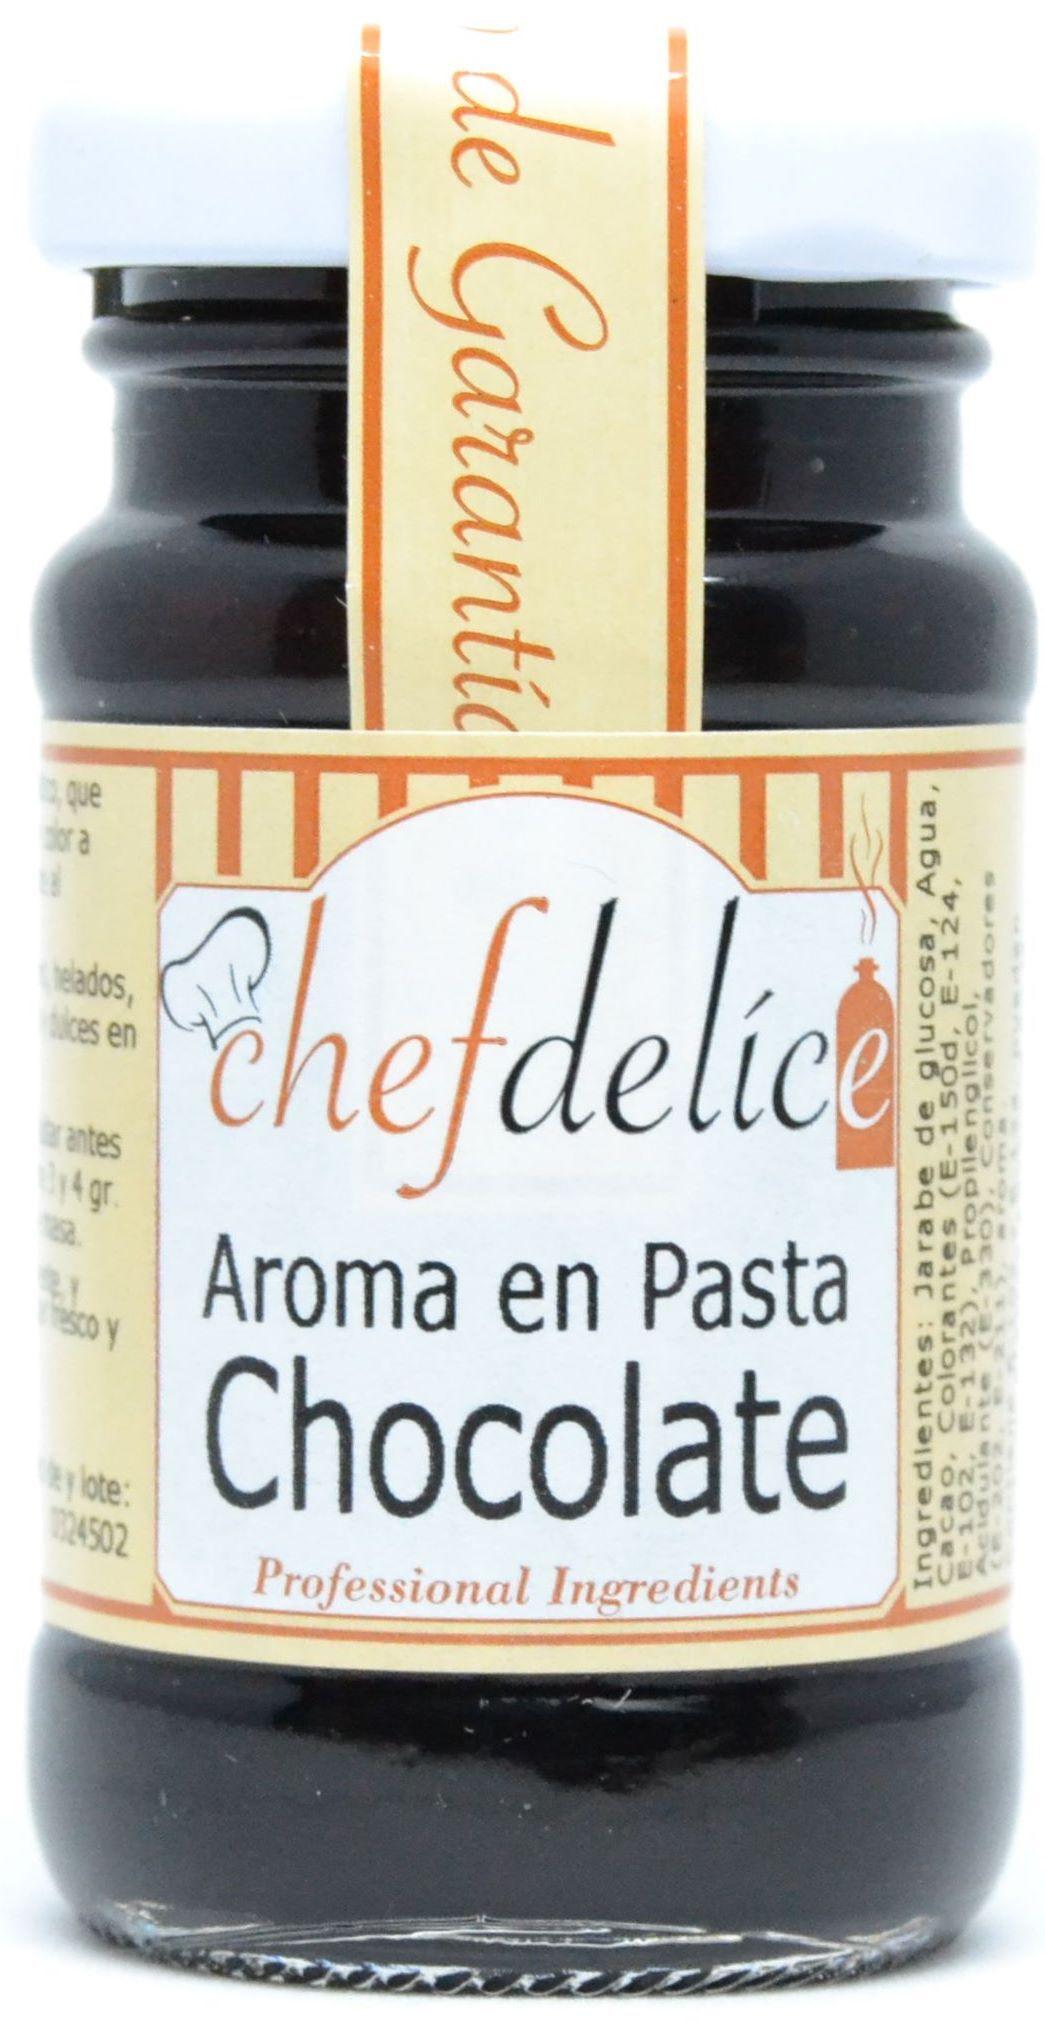 CHOCOLATE AROMA EN PASTA EMUL. 50 G CHEFDELICE en Biovegalia